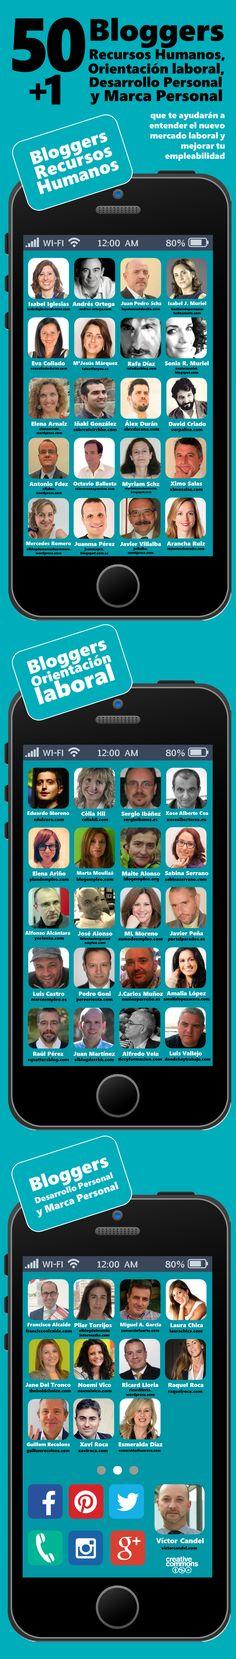 50+1 bloggers de recursos humanos orientacion laboral desarrollo personal y marca personal